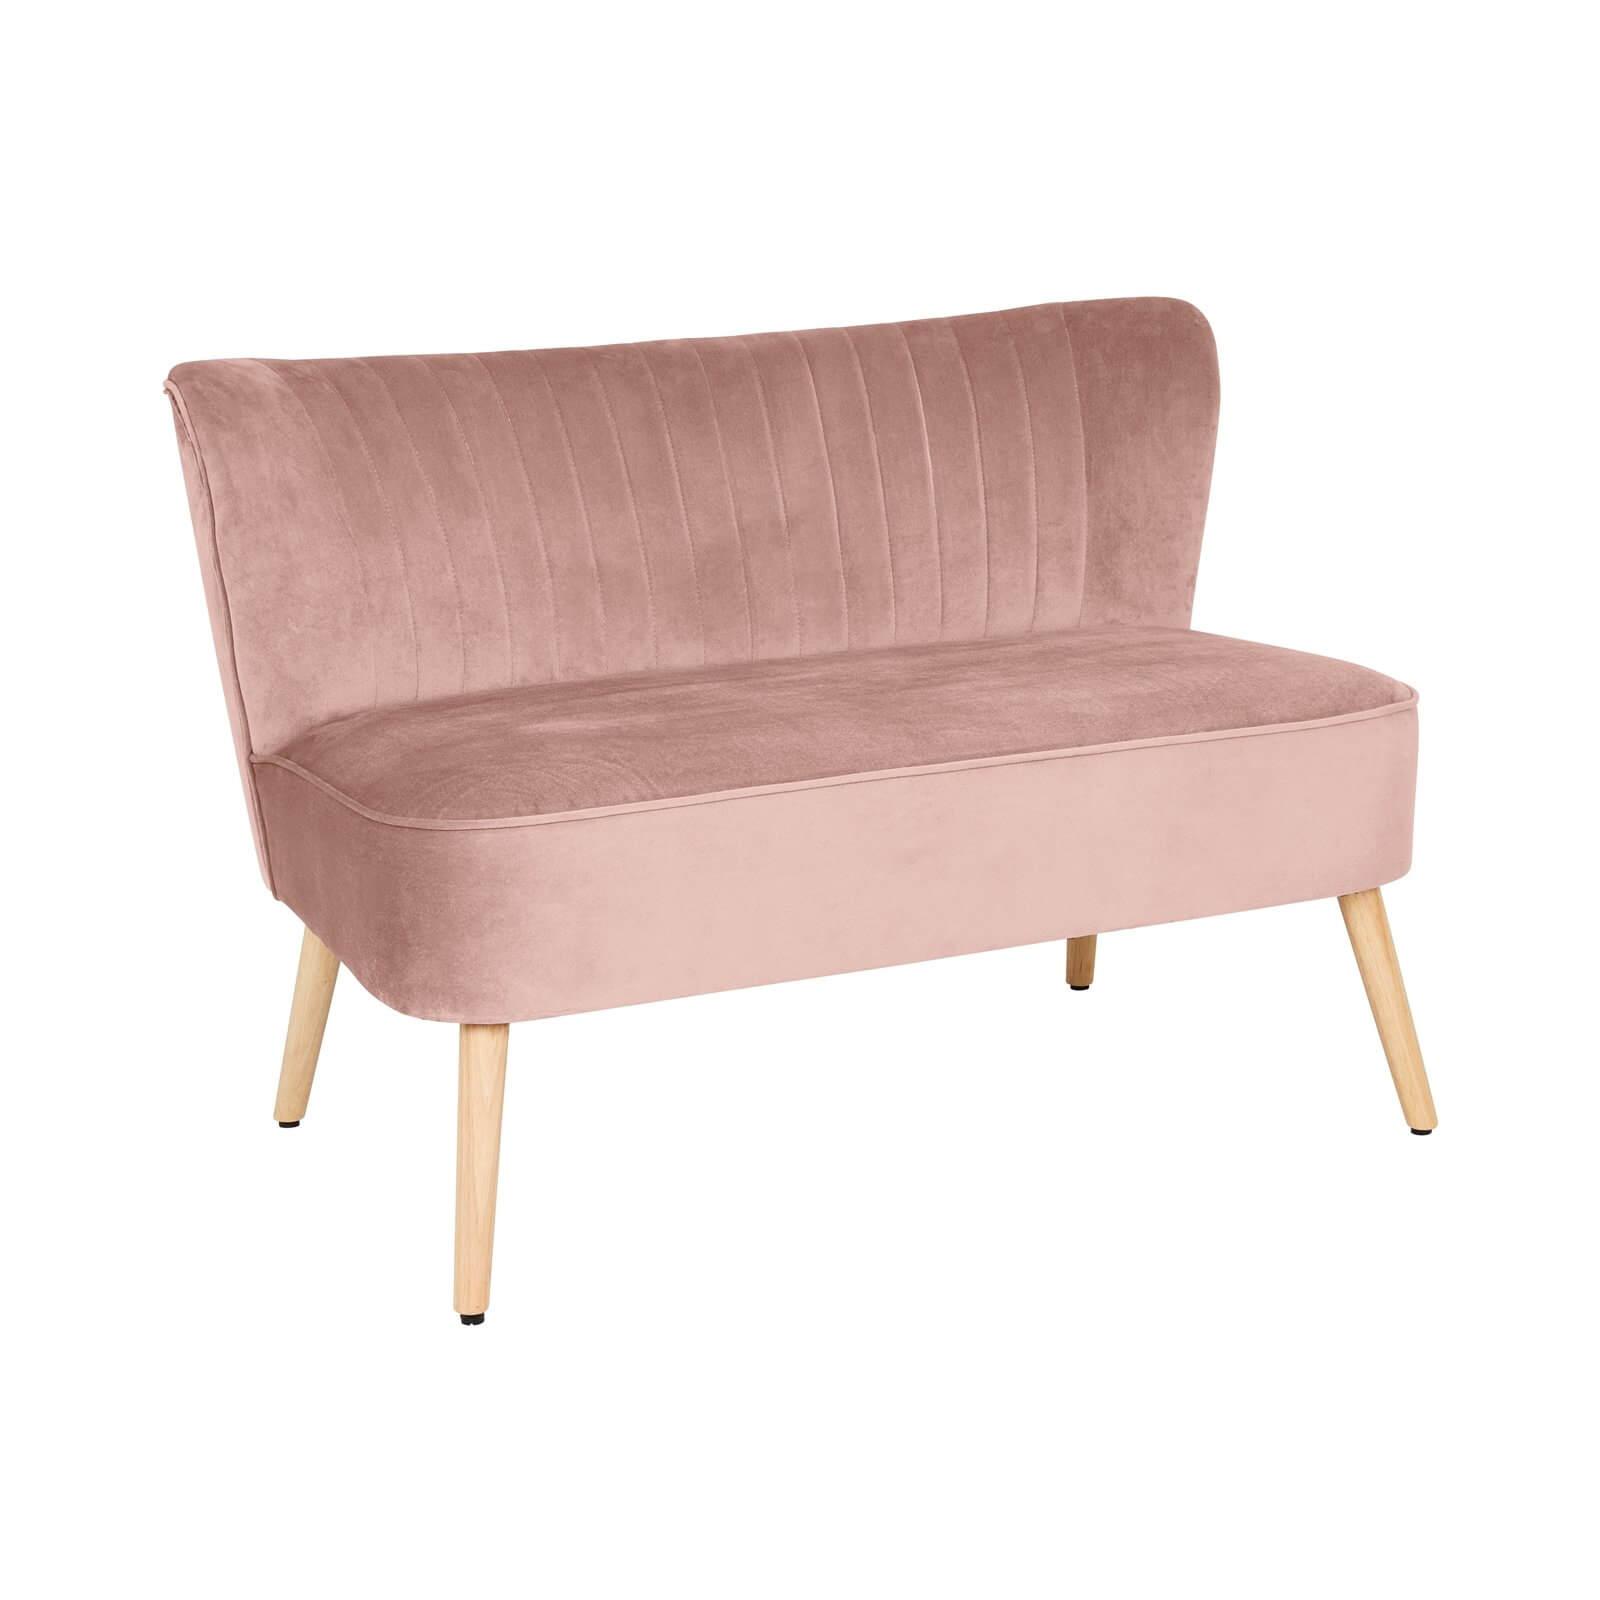 The Cocktail Sofa - Dark Blush